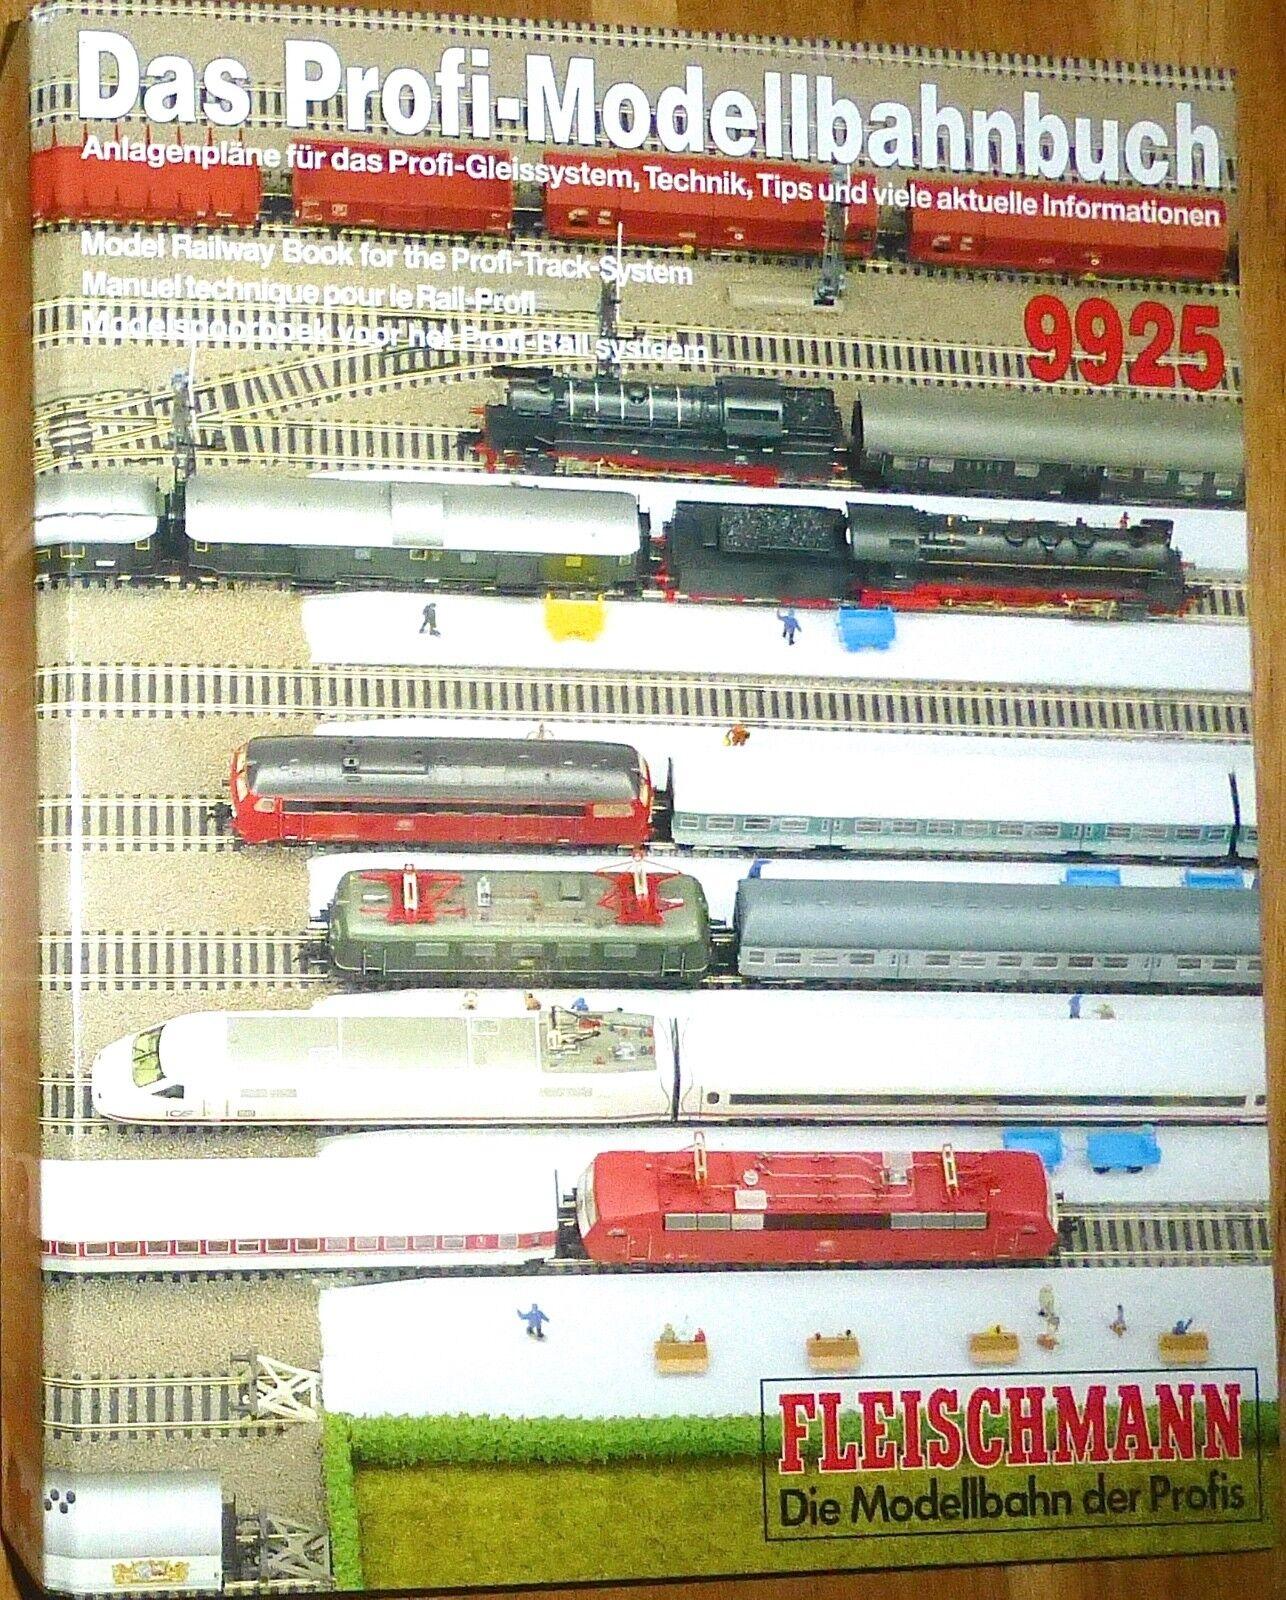 Fleischmann H0 Profigleis 6122 gebogene Schiene 18° R356,5